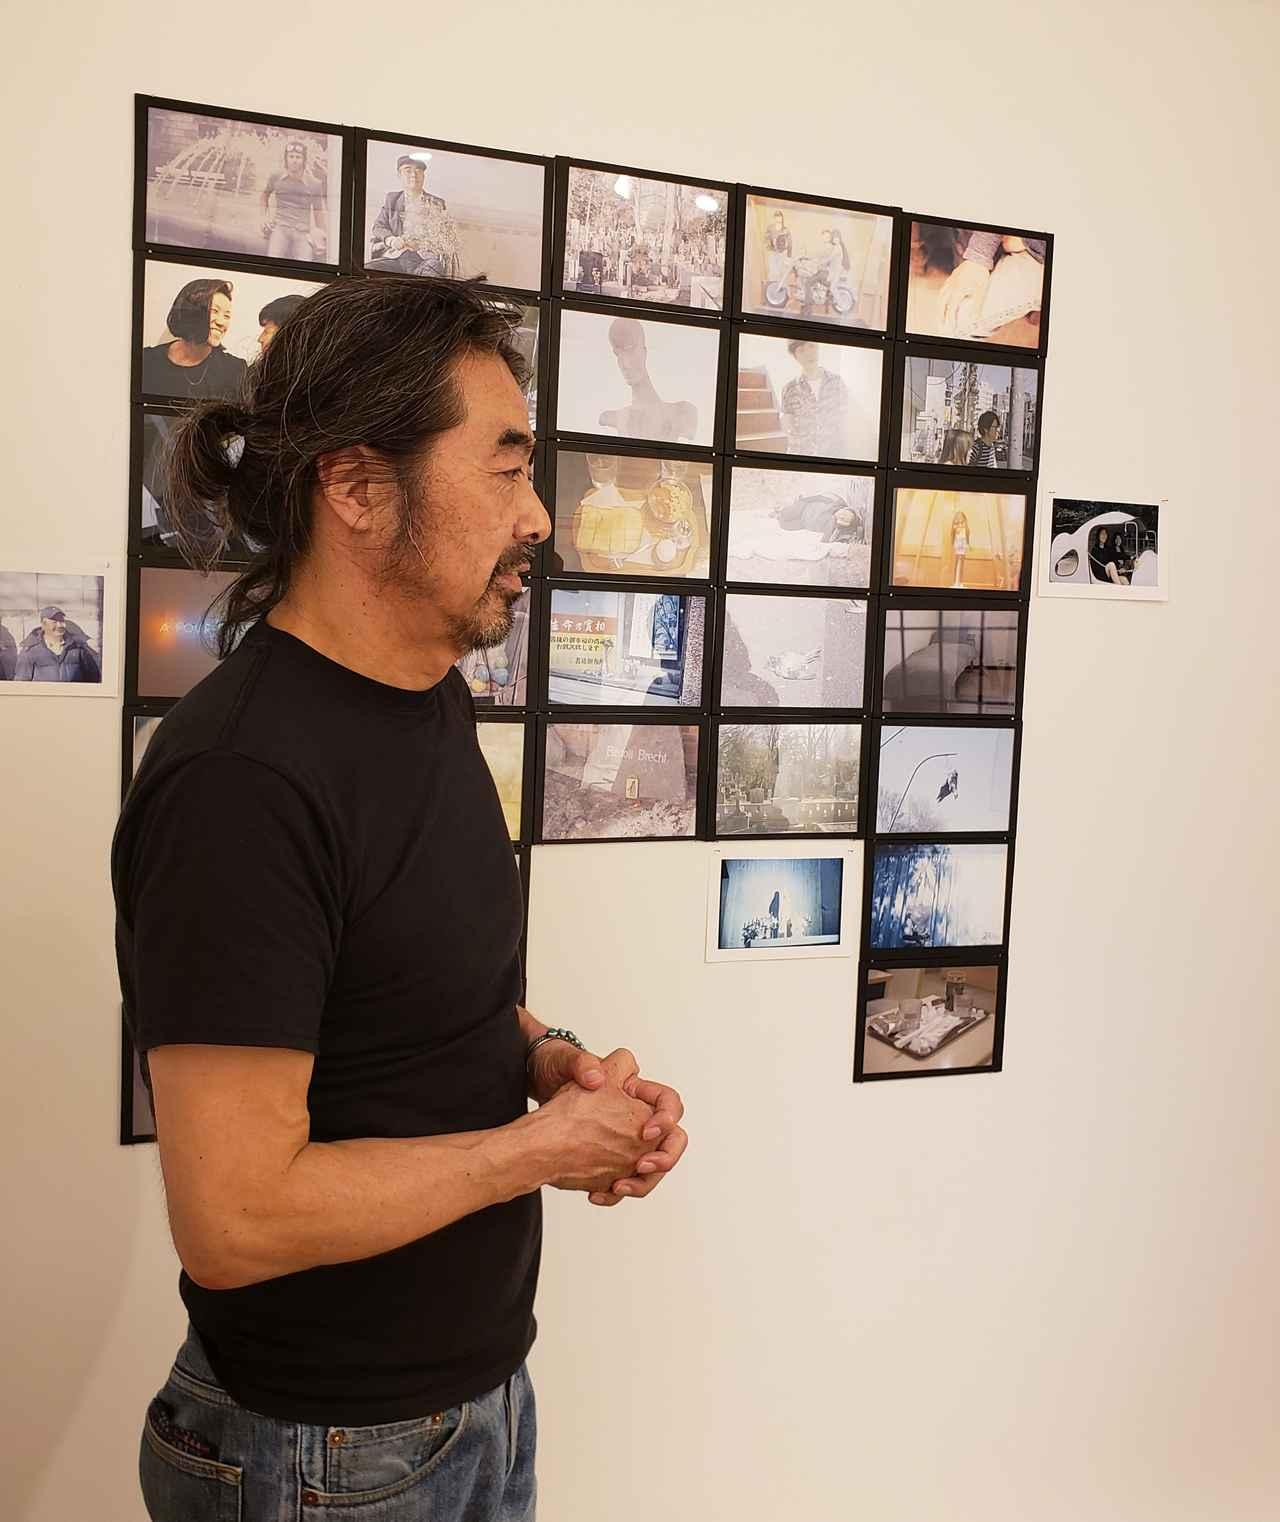 画像: 温かくそして気さくに、写真の話をしてくださった写真家の髙橋恭司さん。 私が10代後半から20代前半にかけて、夢中になって沢山の写真集を手に取り、そしてファッション誌や音楽誌を読んでいた頃、いつもどこかで高橋さんの写真を目にしていた記憶があります。 あれから私の時間も確かに経過しましたが、「LOST 遺失」の作品を拝見していると、過去も今も未来も色んな空間も時間軸も、本当はピタっと現在のその瞬間にしか存在しないような、それでもやっぱり交差しては通り過ぎていくような不思議な感覚を覚えました。